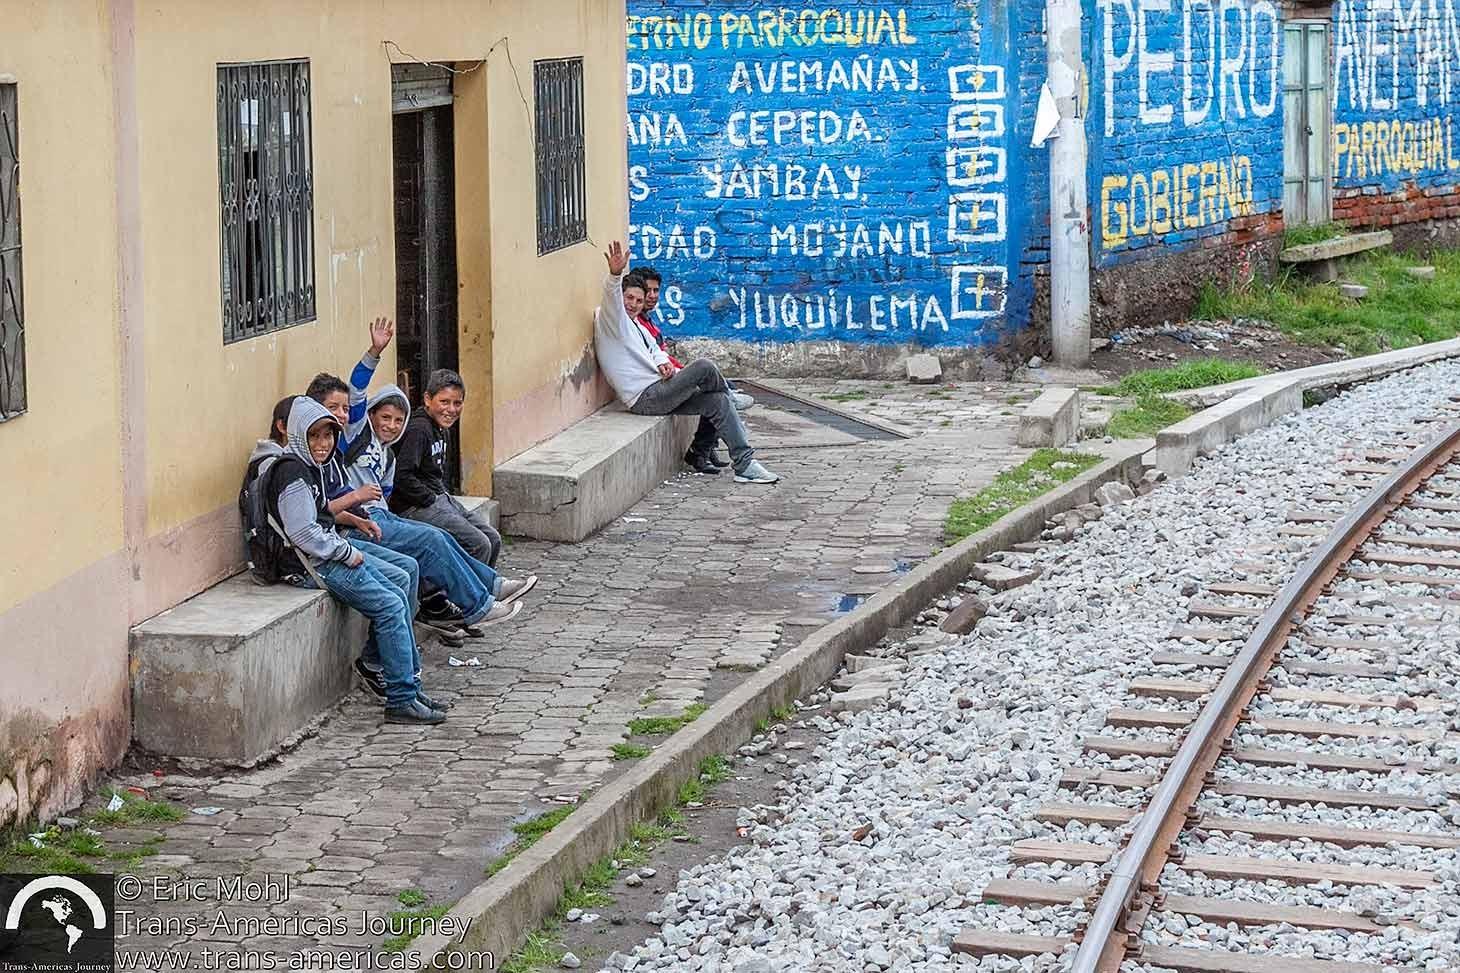 Train-across-ecuador@2x